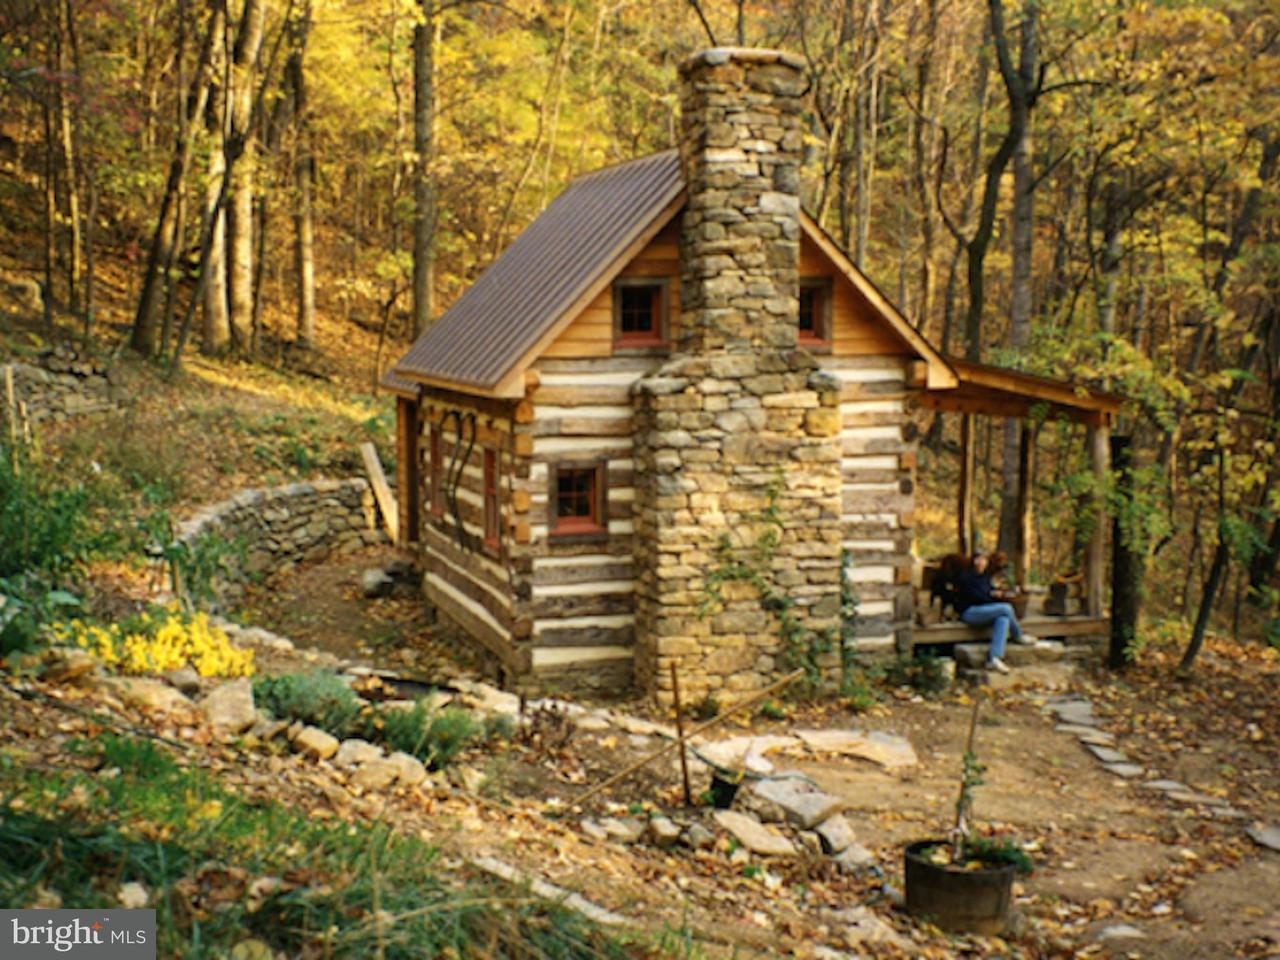 Частный односемейный дом для того Продажа на NOT ON FILE NOT ON FILE Free Union, Виргиния 22940 Соединенные Штаты